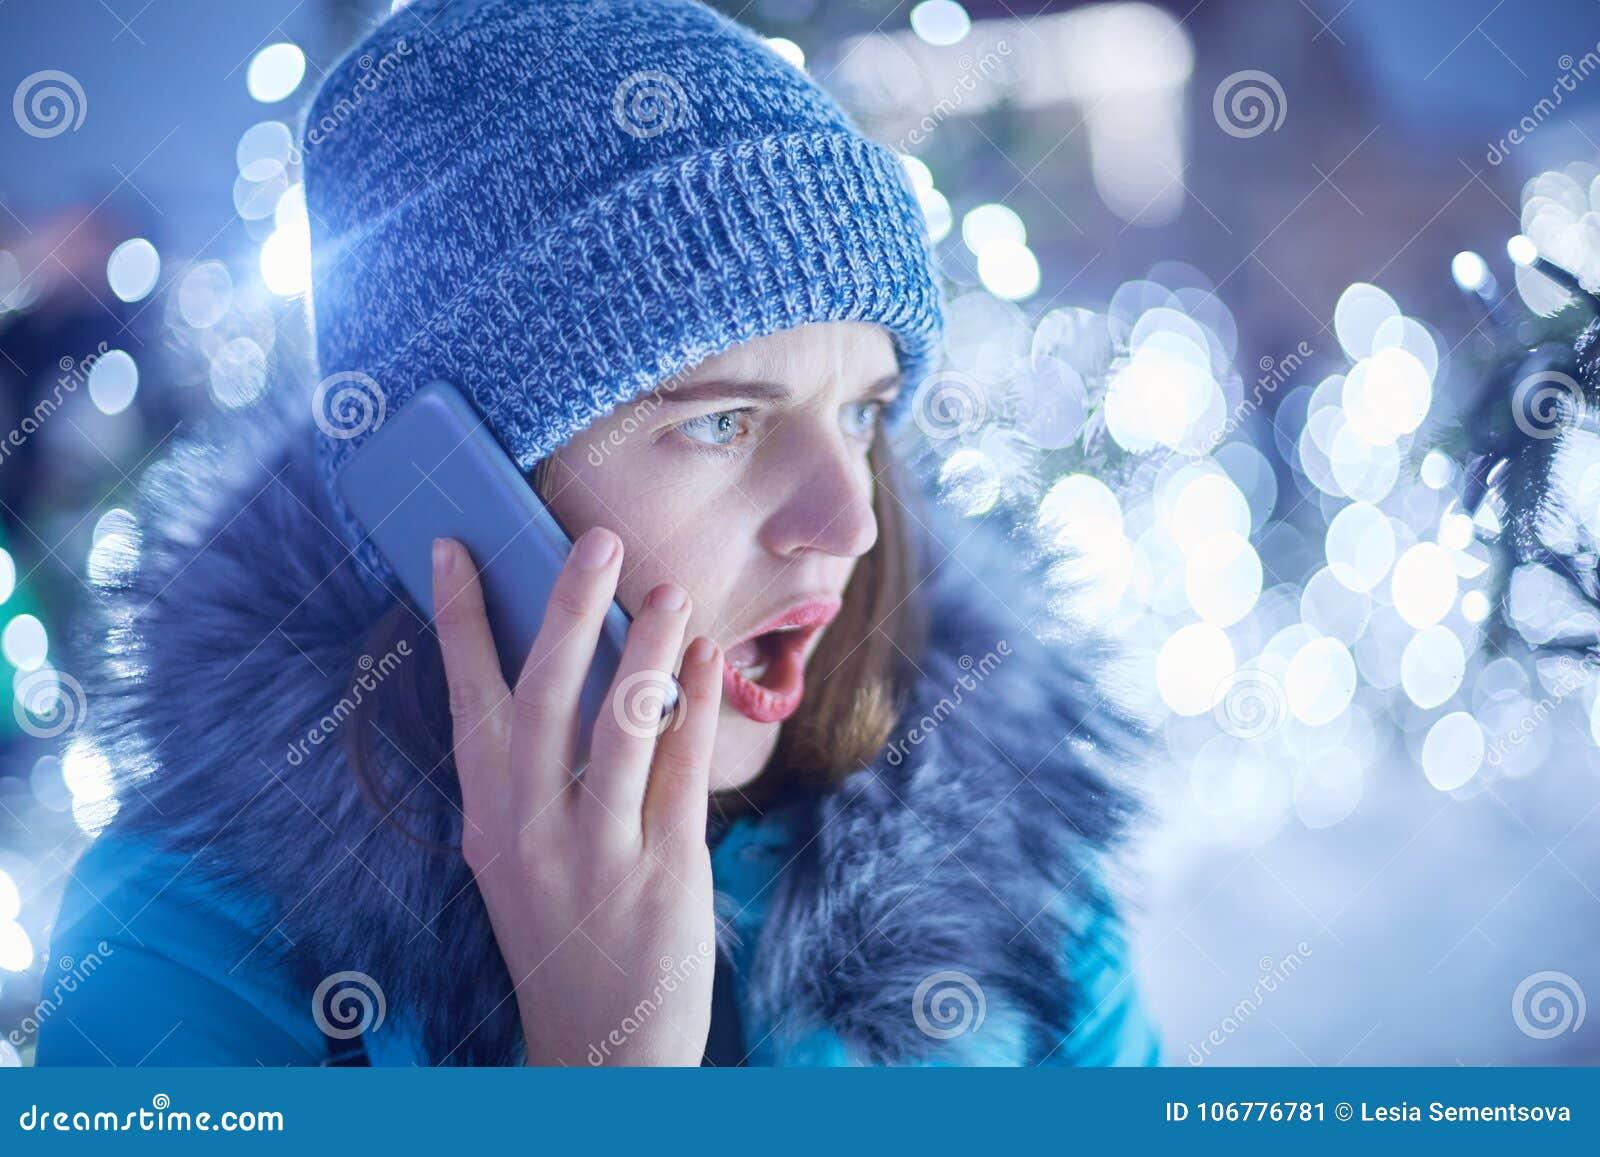 Η έκπληκτη γυναίκα που ντύνεται στα χειμερινά ενδύματα, ανοίγει το στόμα στο bewilderrment, μιλά με το φίλο της μέσω του έξυπνου